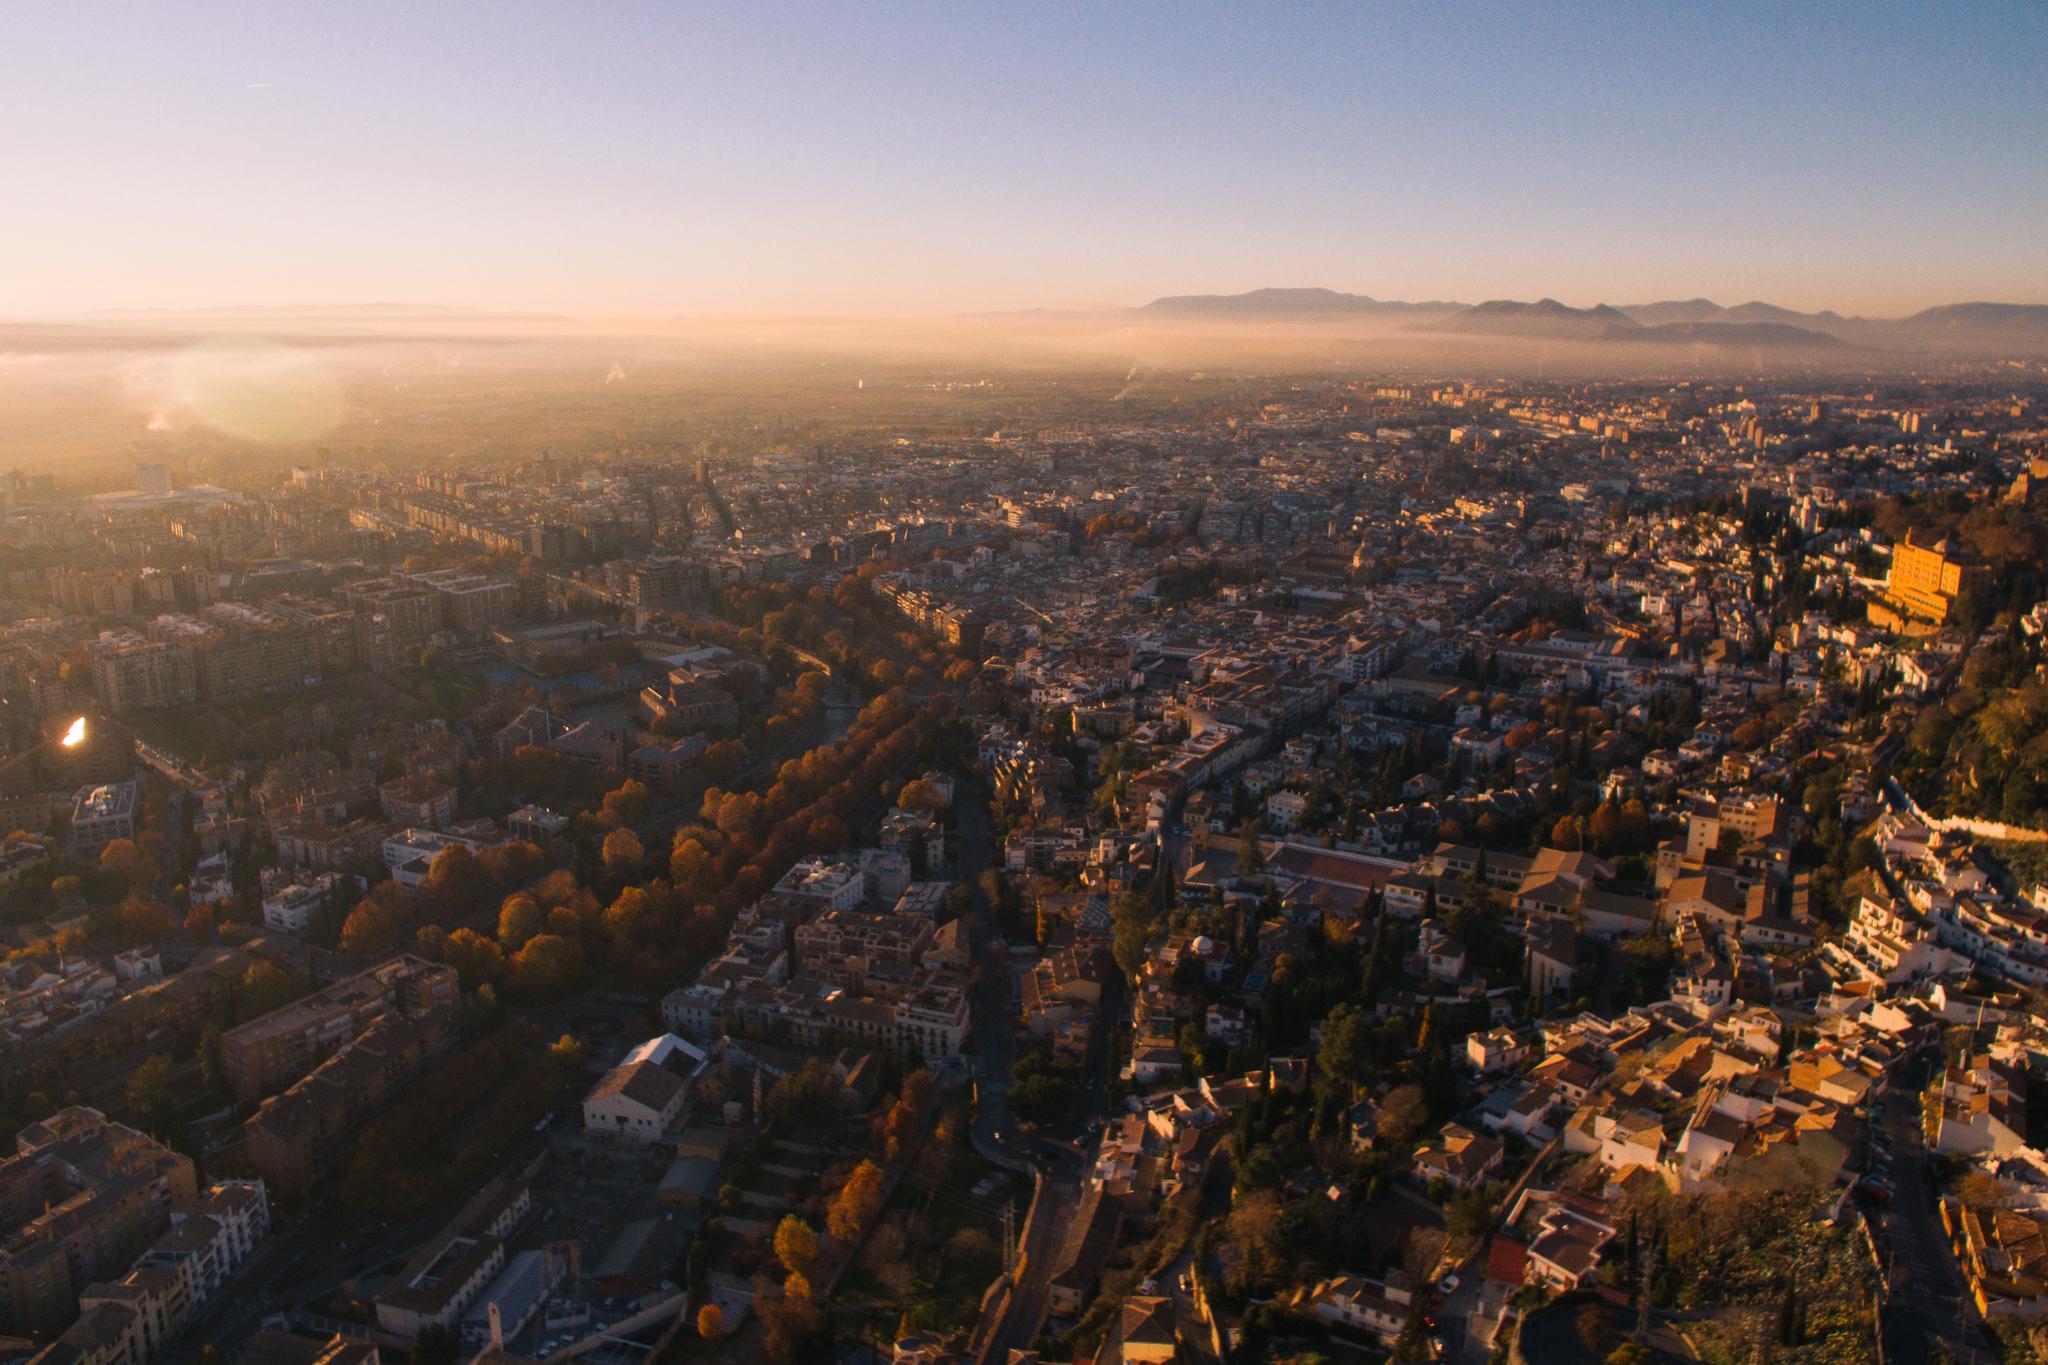 BarrancoDelAbogado_Drone_0002.jpg